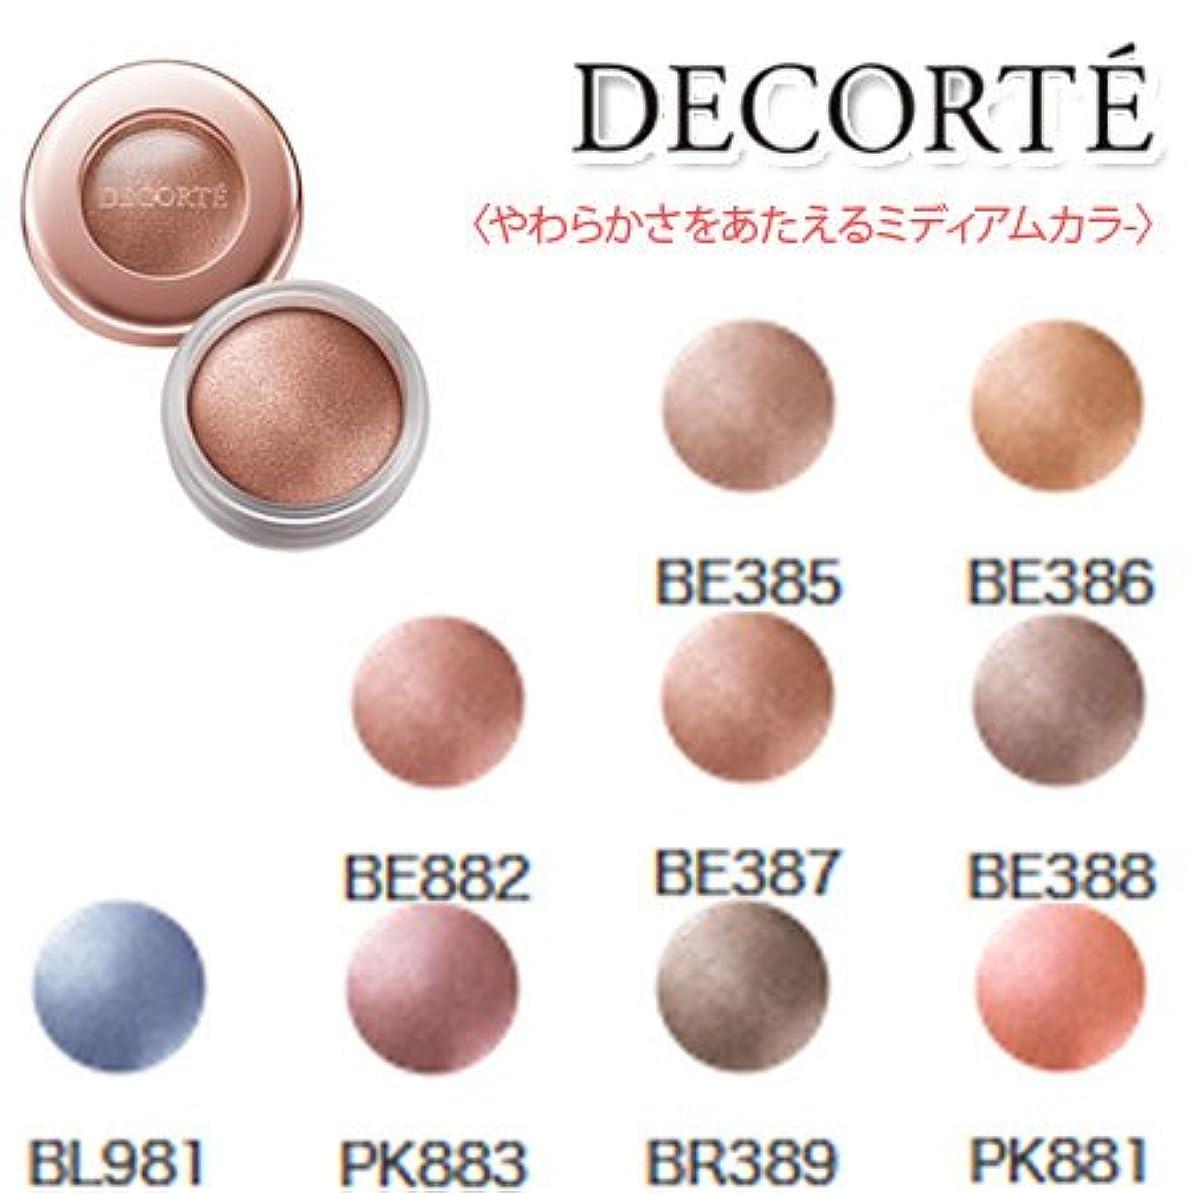 パッチ猛烈な典型的なコスメデコルテ アイグロウ ジェム 〈ミディアムカラー〉 -COSME DECORTE- BE385